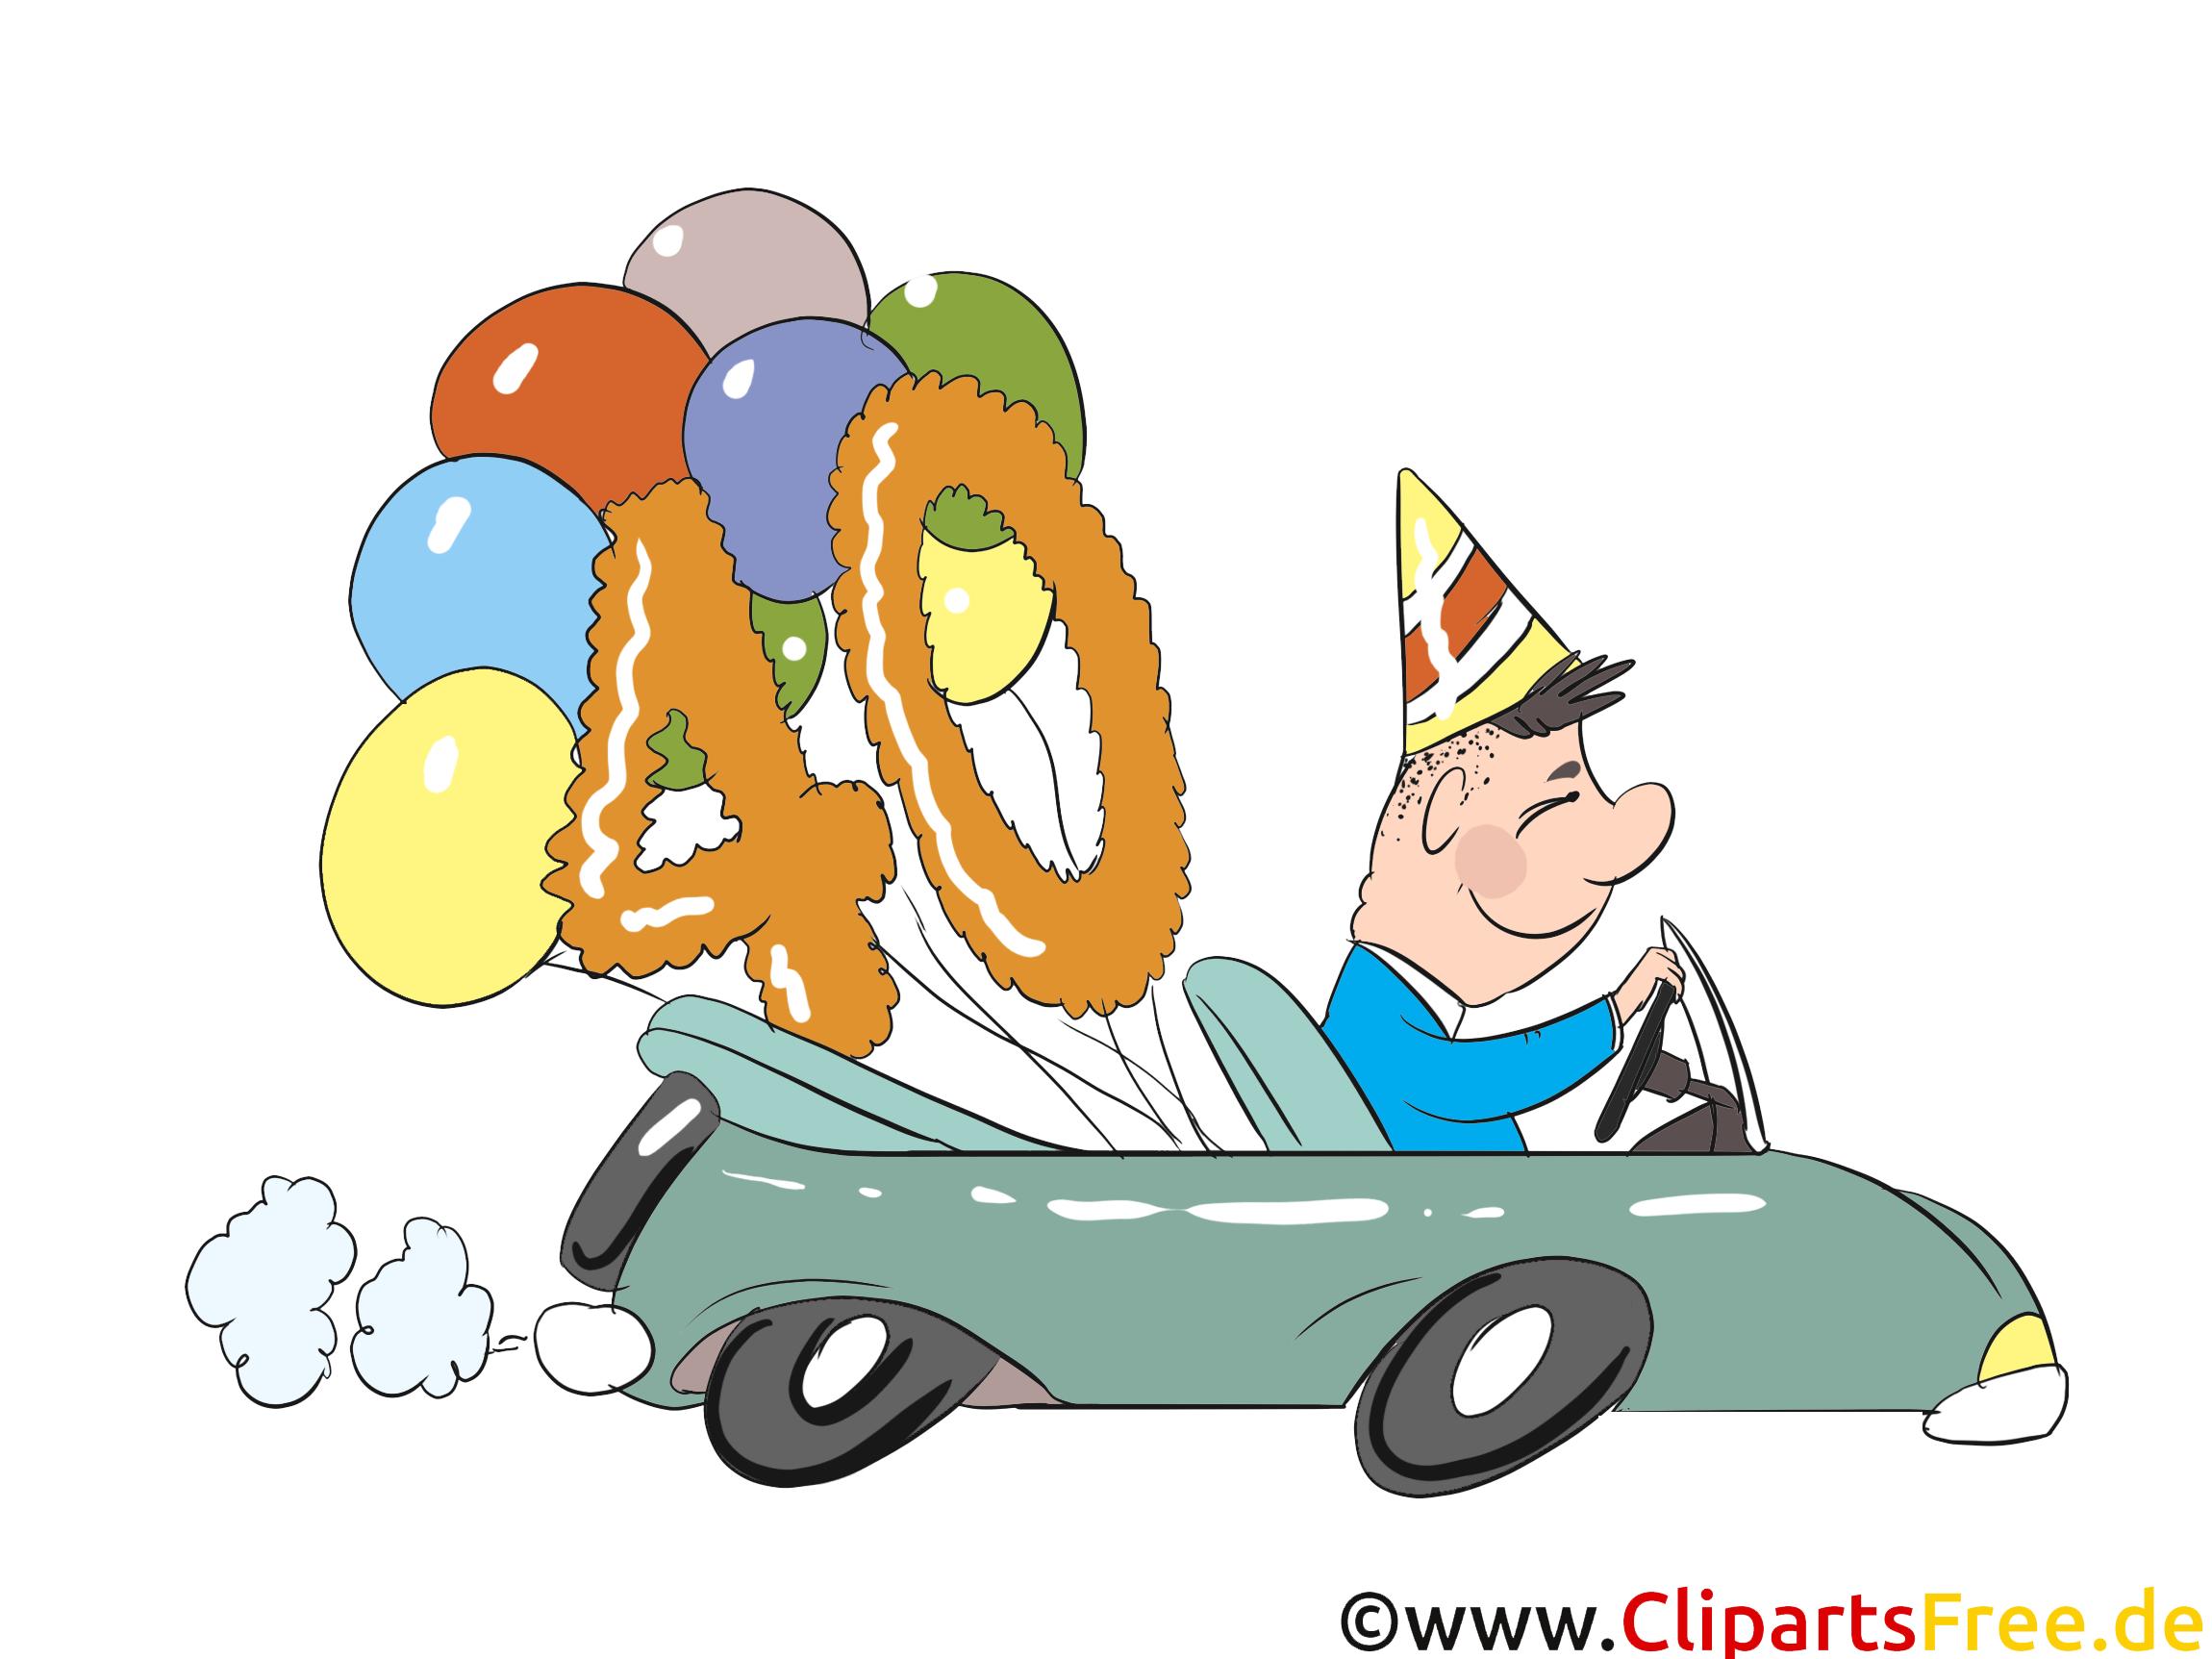 Voiture 20 ans clipart anniversaire dessins gratuits anniversaire dessin picture image - Dessin anniversaire 20 ans ...